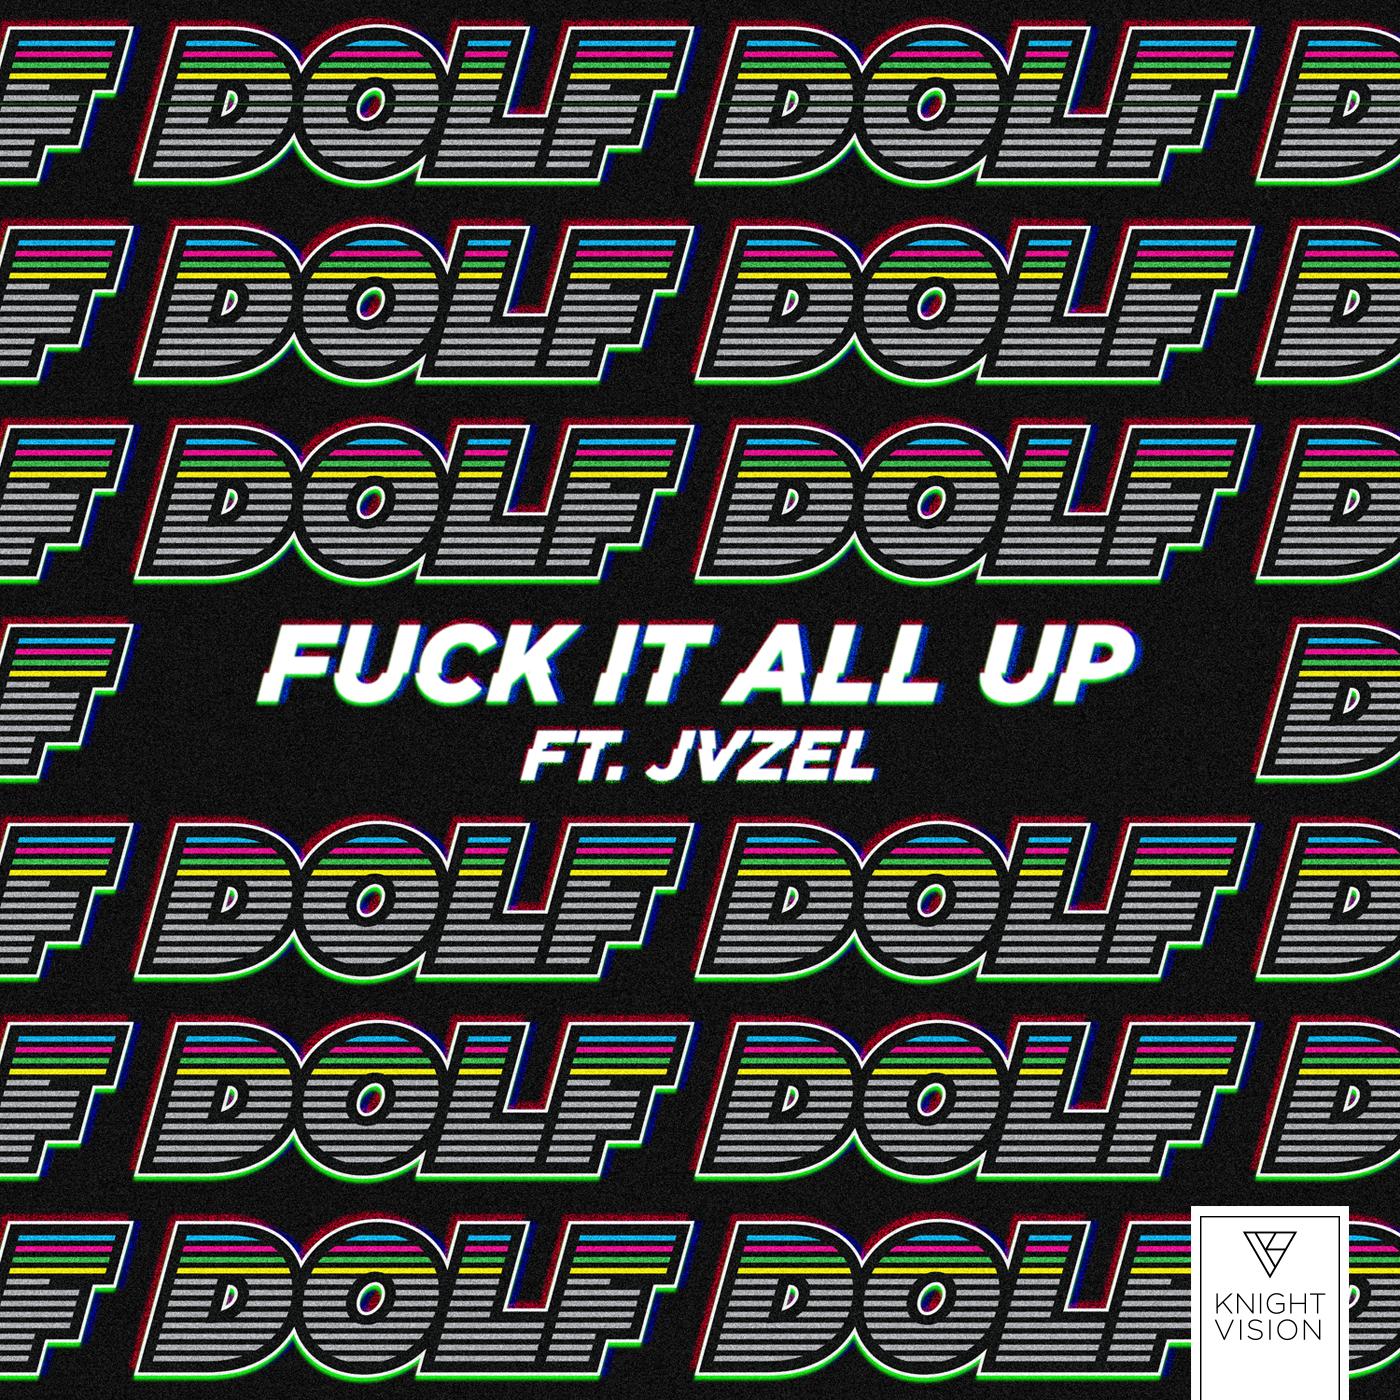 Dolf_Fitallup_1400px.jpg